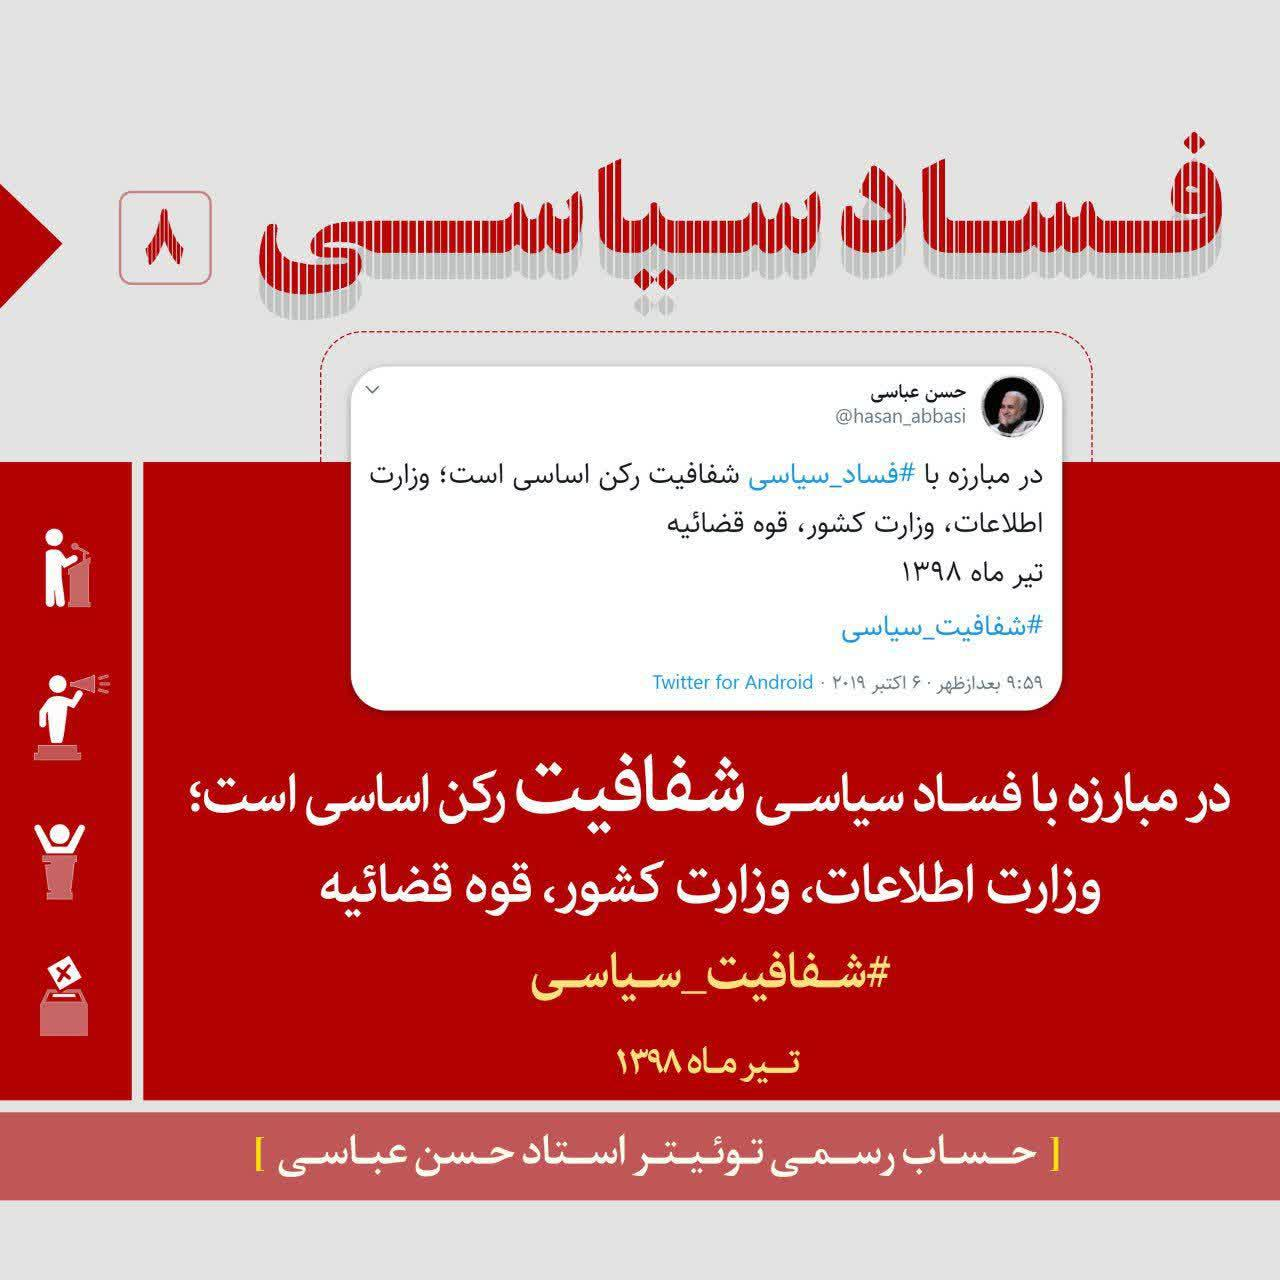 🔰در مبارزه با #فساد_سیاسی شفافیت رکن اساسی است؛ وزارت اطلاعات، وزارت کشور، قوه قضائیه